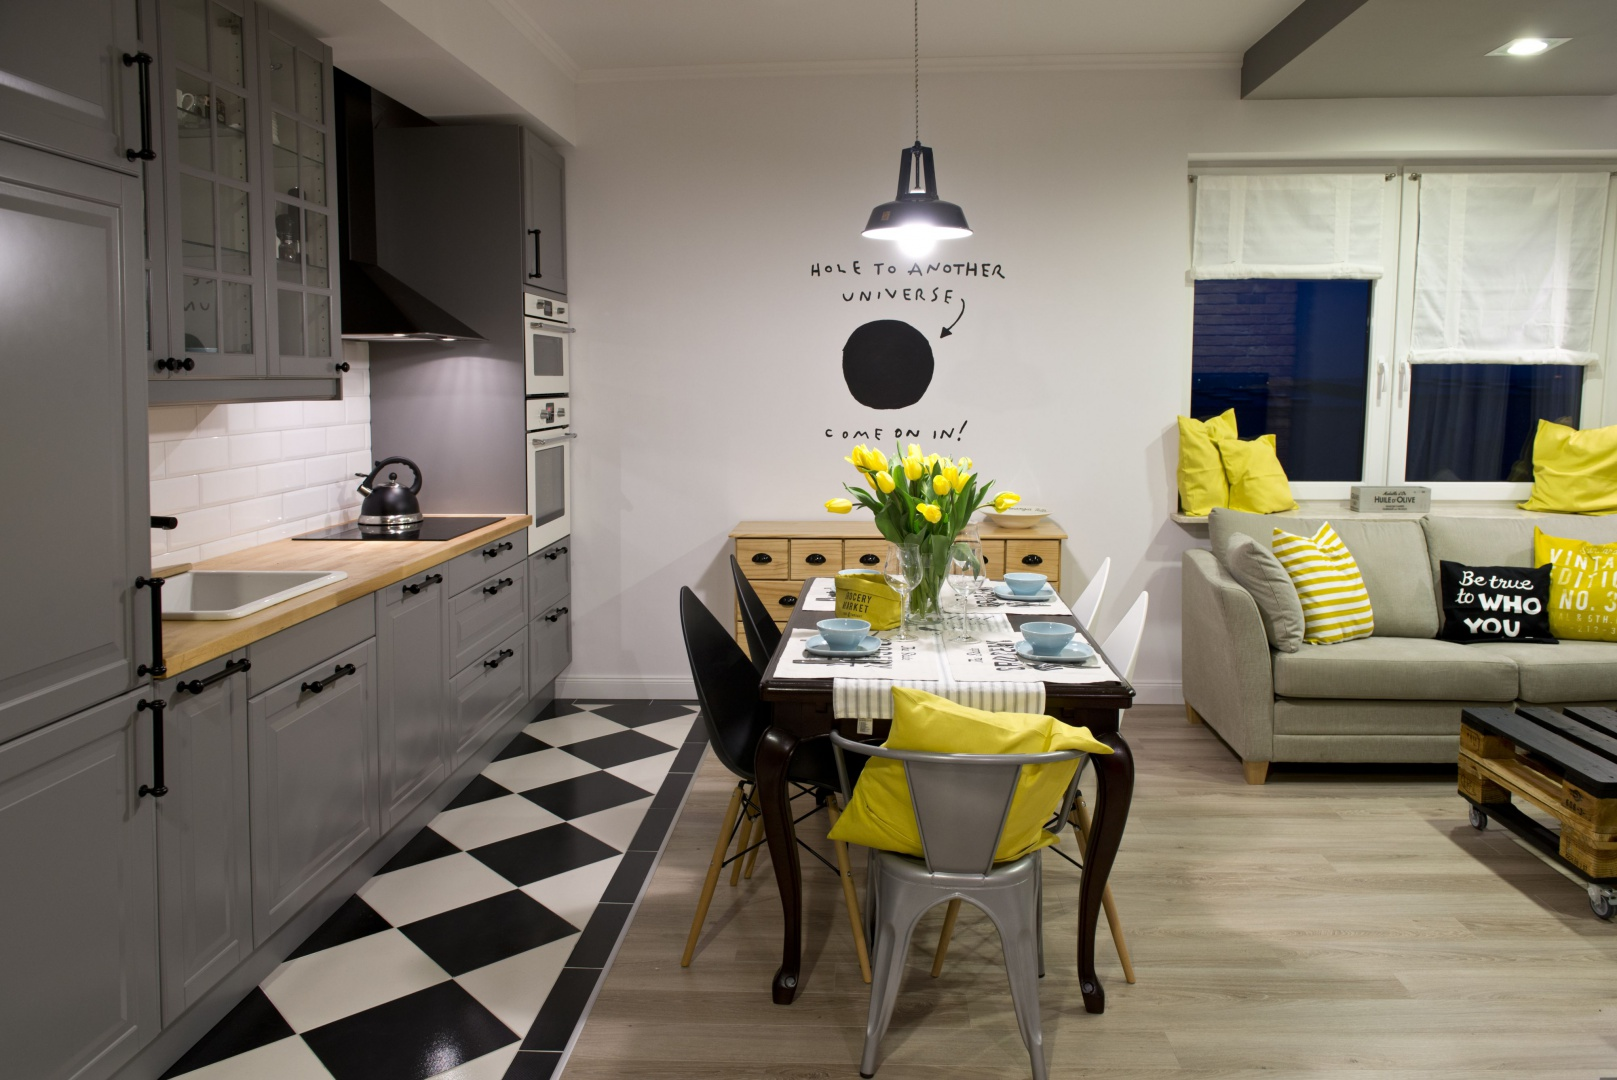 Aneks kuchenny od salonu oddziela stół jadalniany oraz towarzysząca mu komoda. Czarny stół wspiera się na stylizowanych nogach, a towarzyszące mu czarne i białe krzesła wyraźnie nawiązują do eamesowskich klasyków. Z industrialną lampą nad stołem harmonizuje szare krzesło, pomalowane metaliczną farbą, która kolorem koresponduje również z zabudową kuchenną. Projekt: SHOKO.design. Fot. Małgorzata Opala.